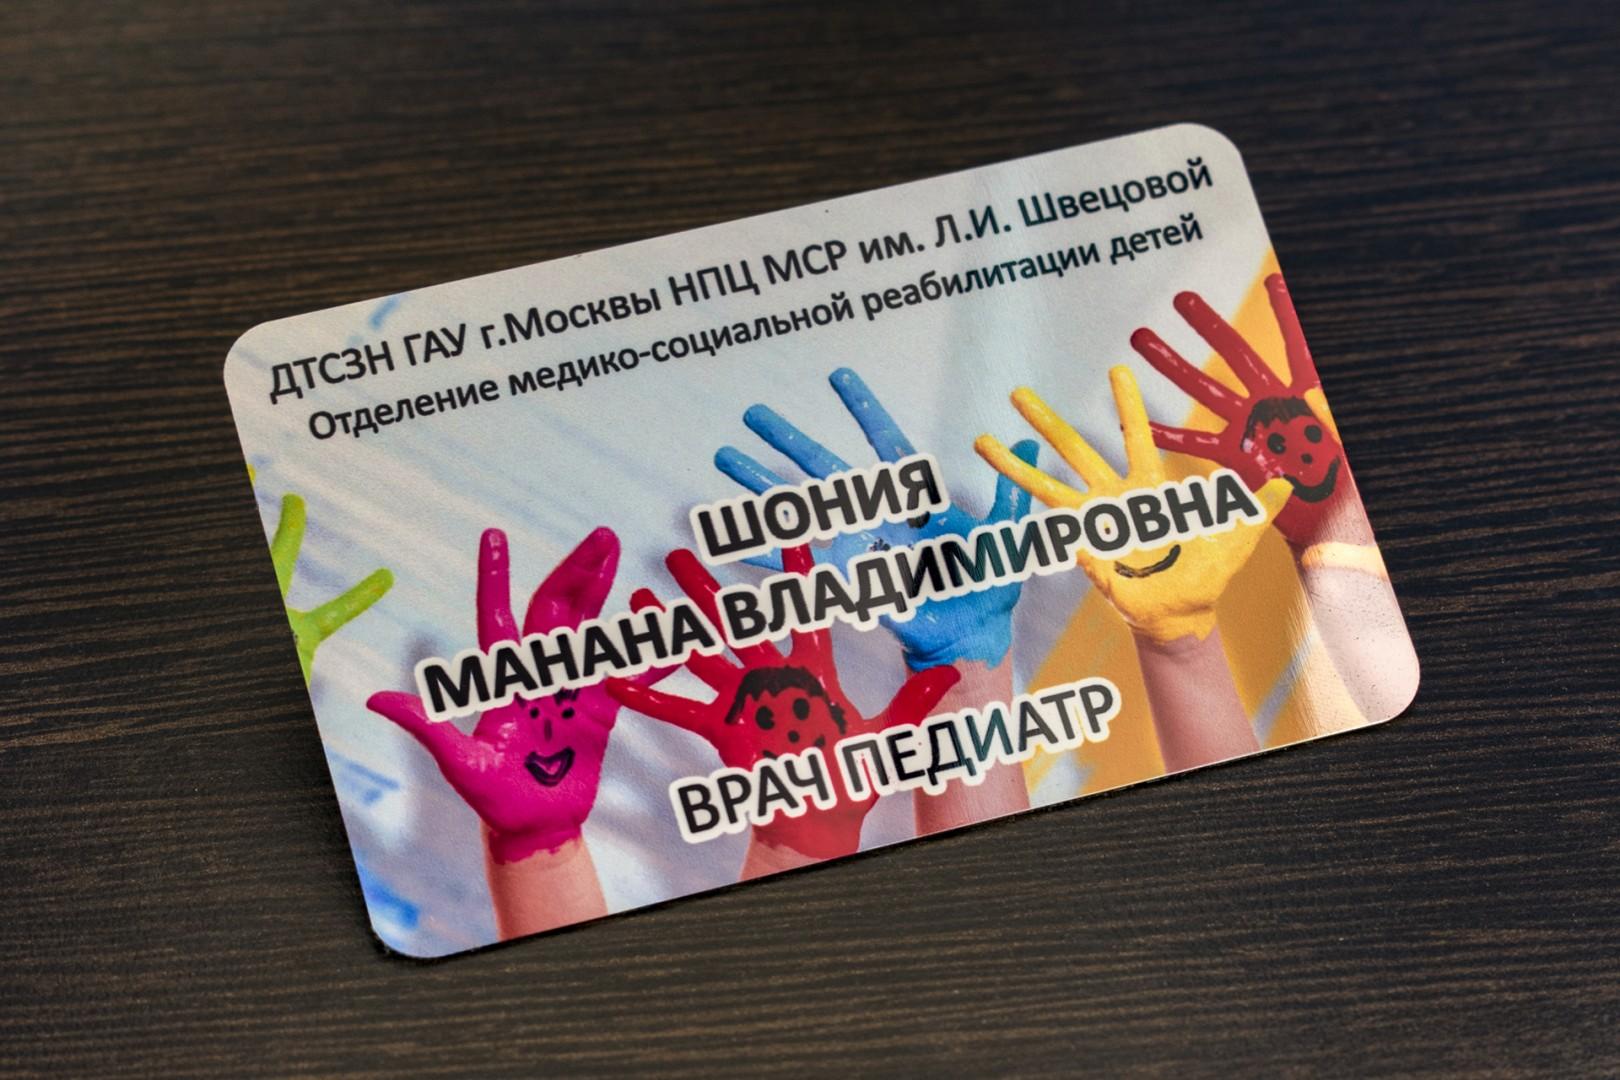 Печать бейджей для медработников в Москве | фото 2